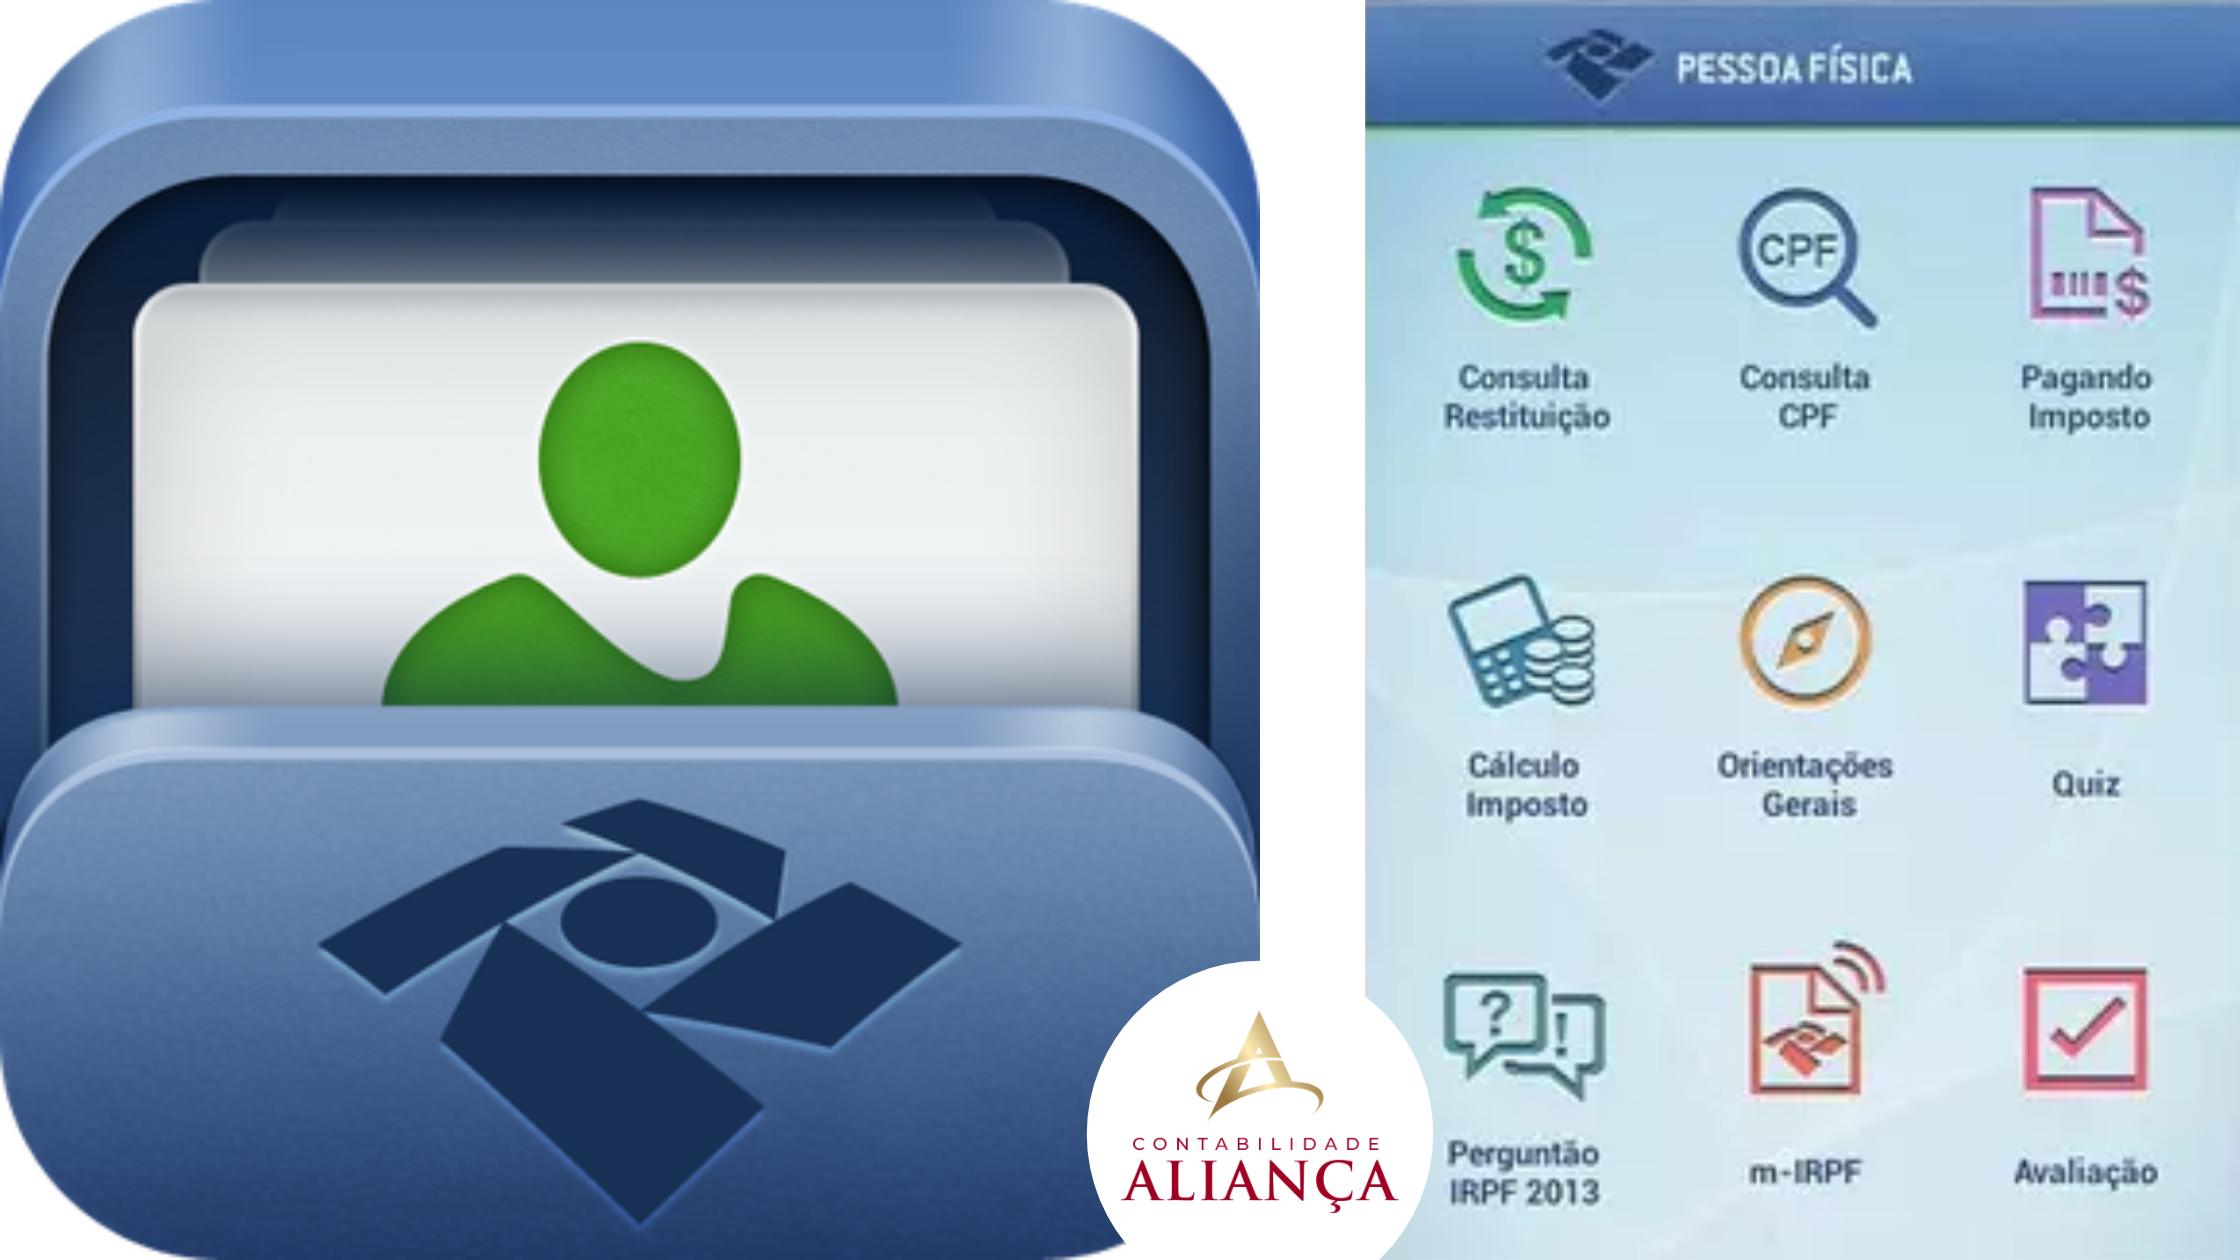 Aplicativo Pf - Contabilidade em Guarulhos - SP | Aliança Contabilidade - APP Pessoa Física – Consulta de Restituição do IRPF